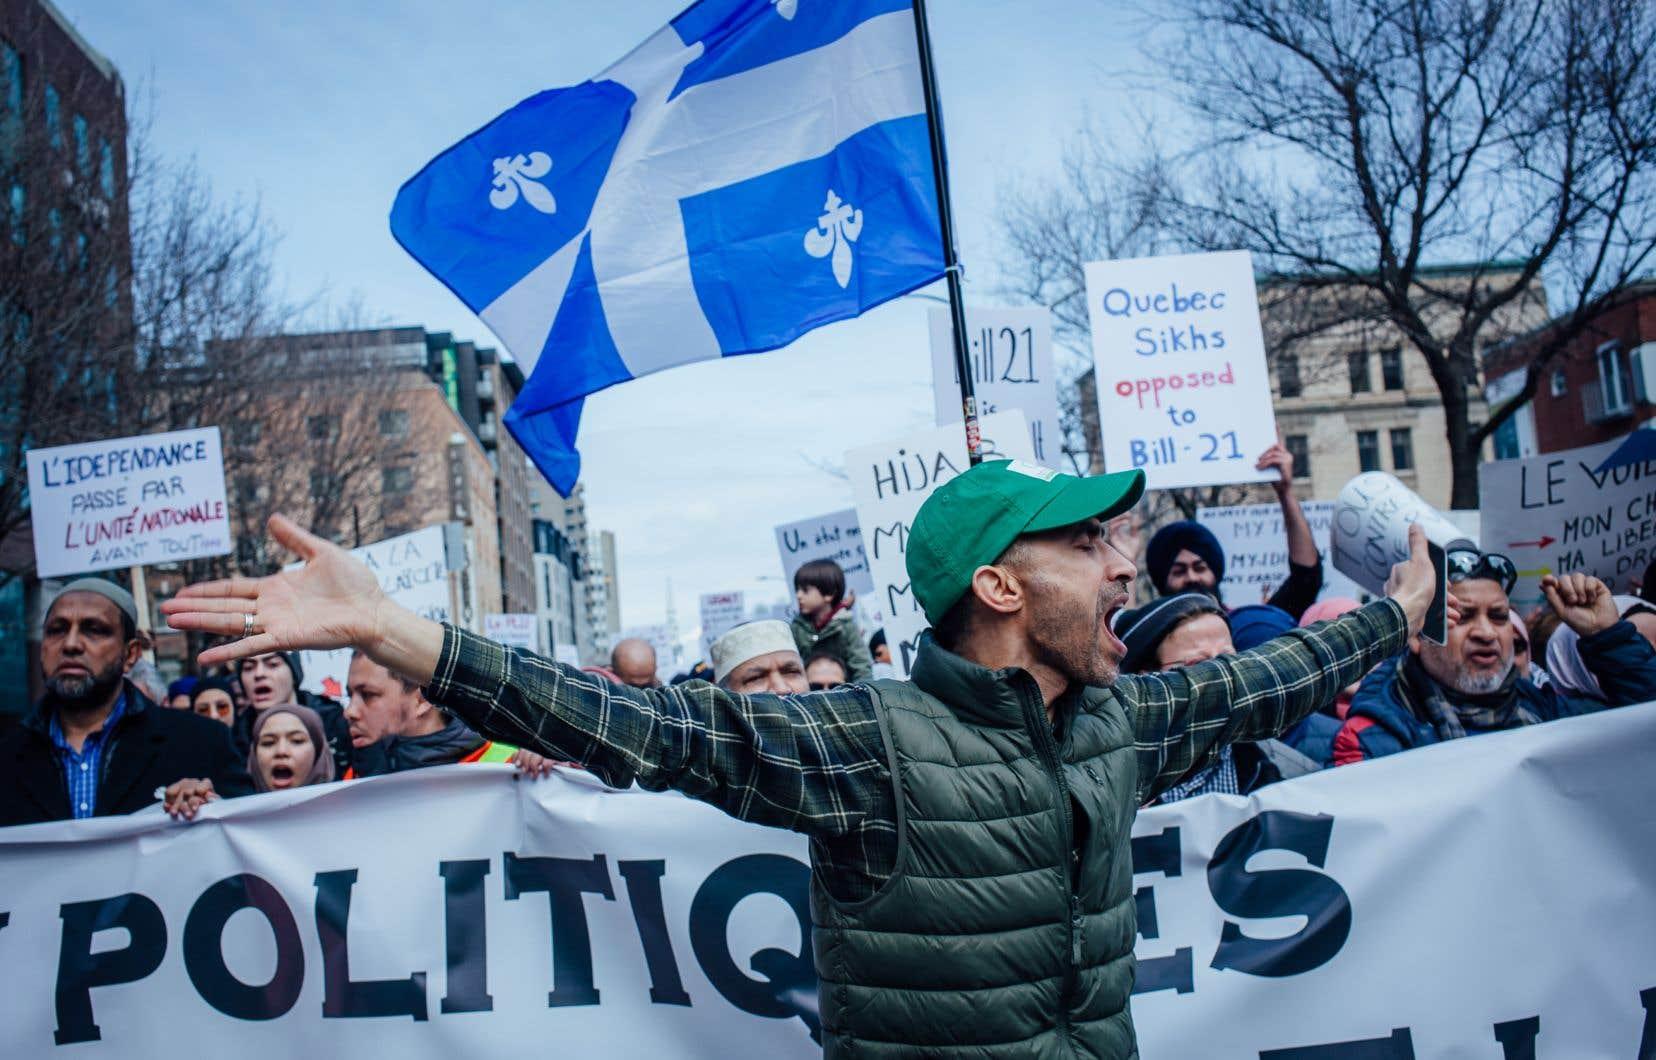 Les contestations en cour et en public de la loi sur la laïcité de l'État se multiplient depuis le printemps.